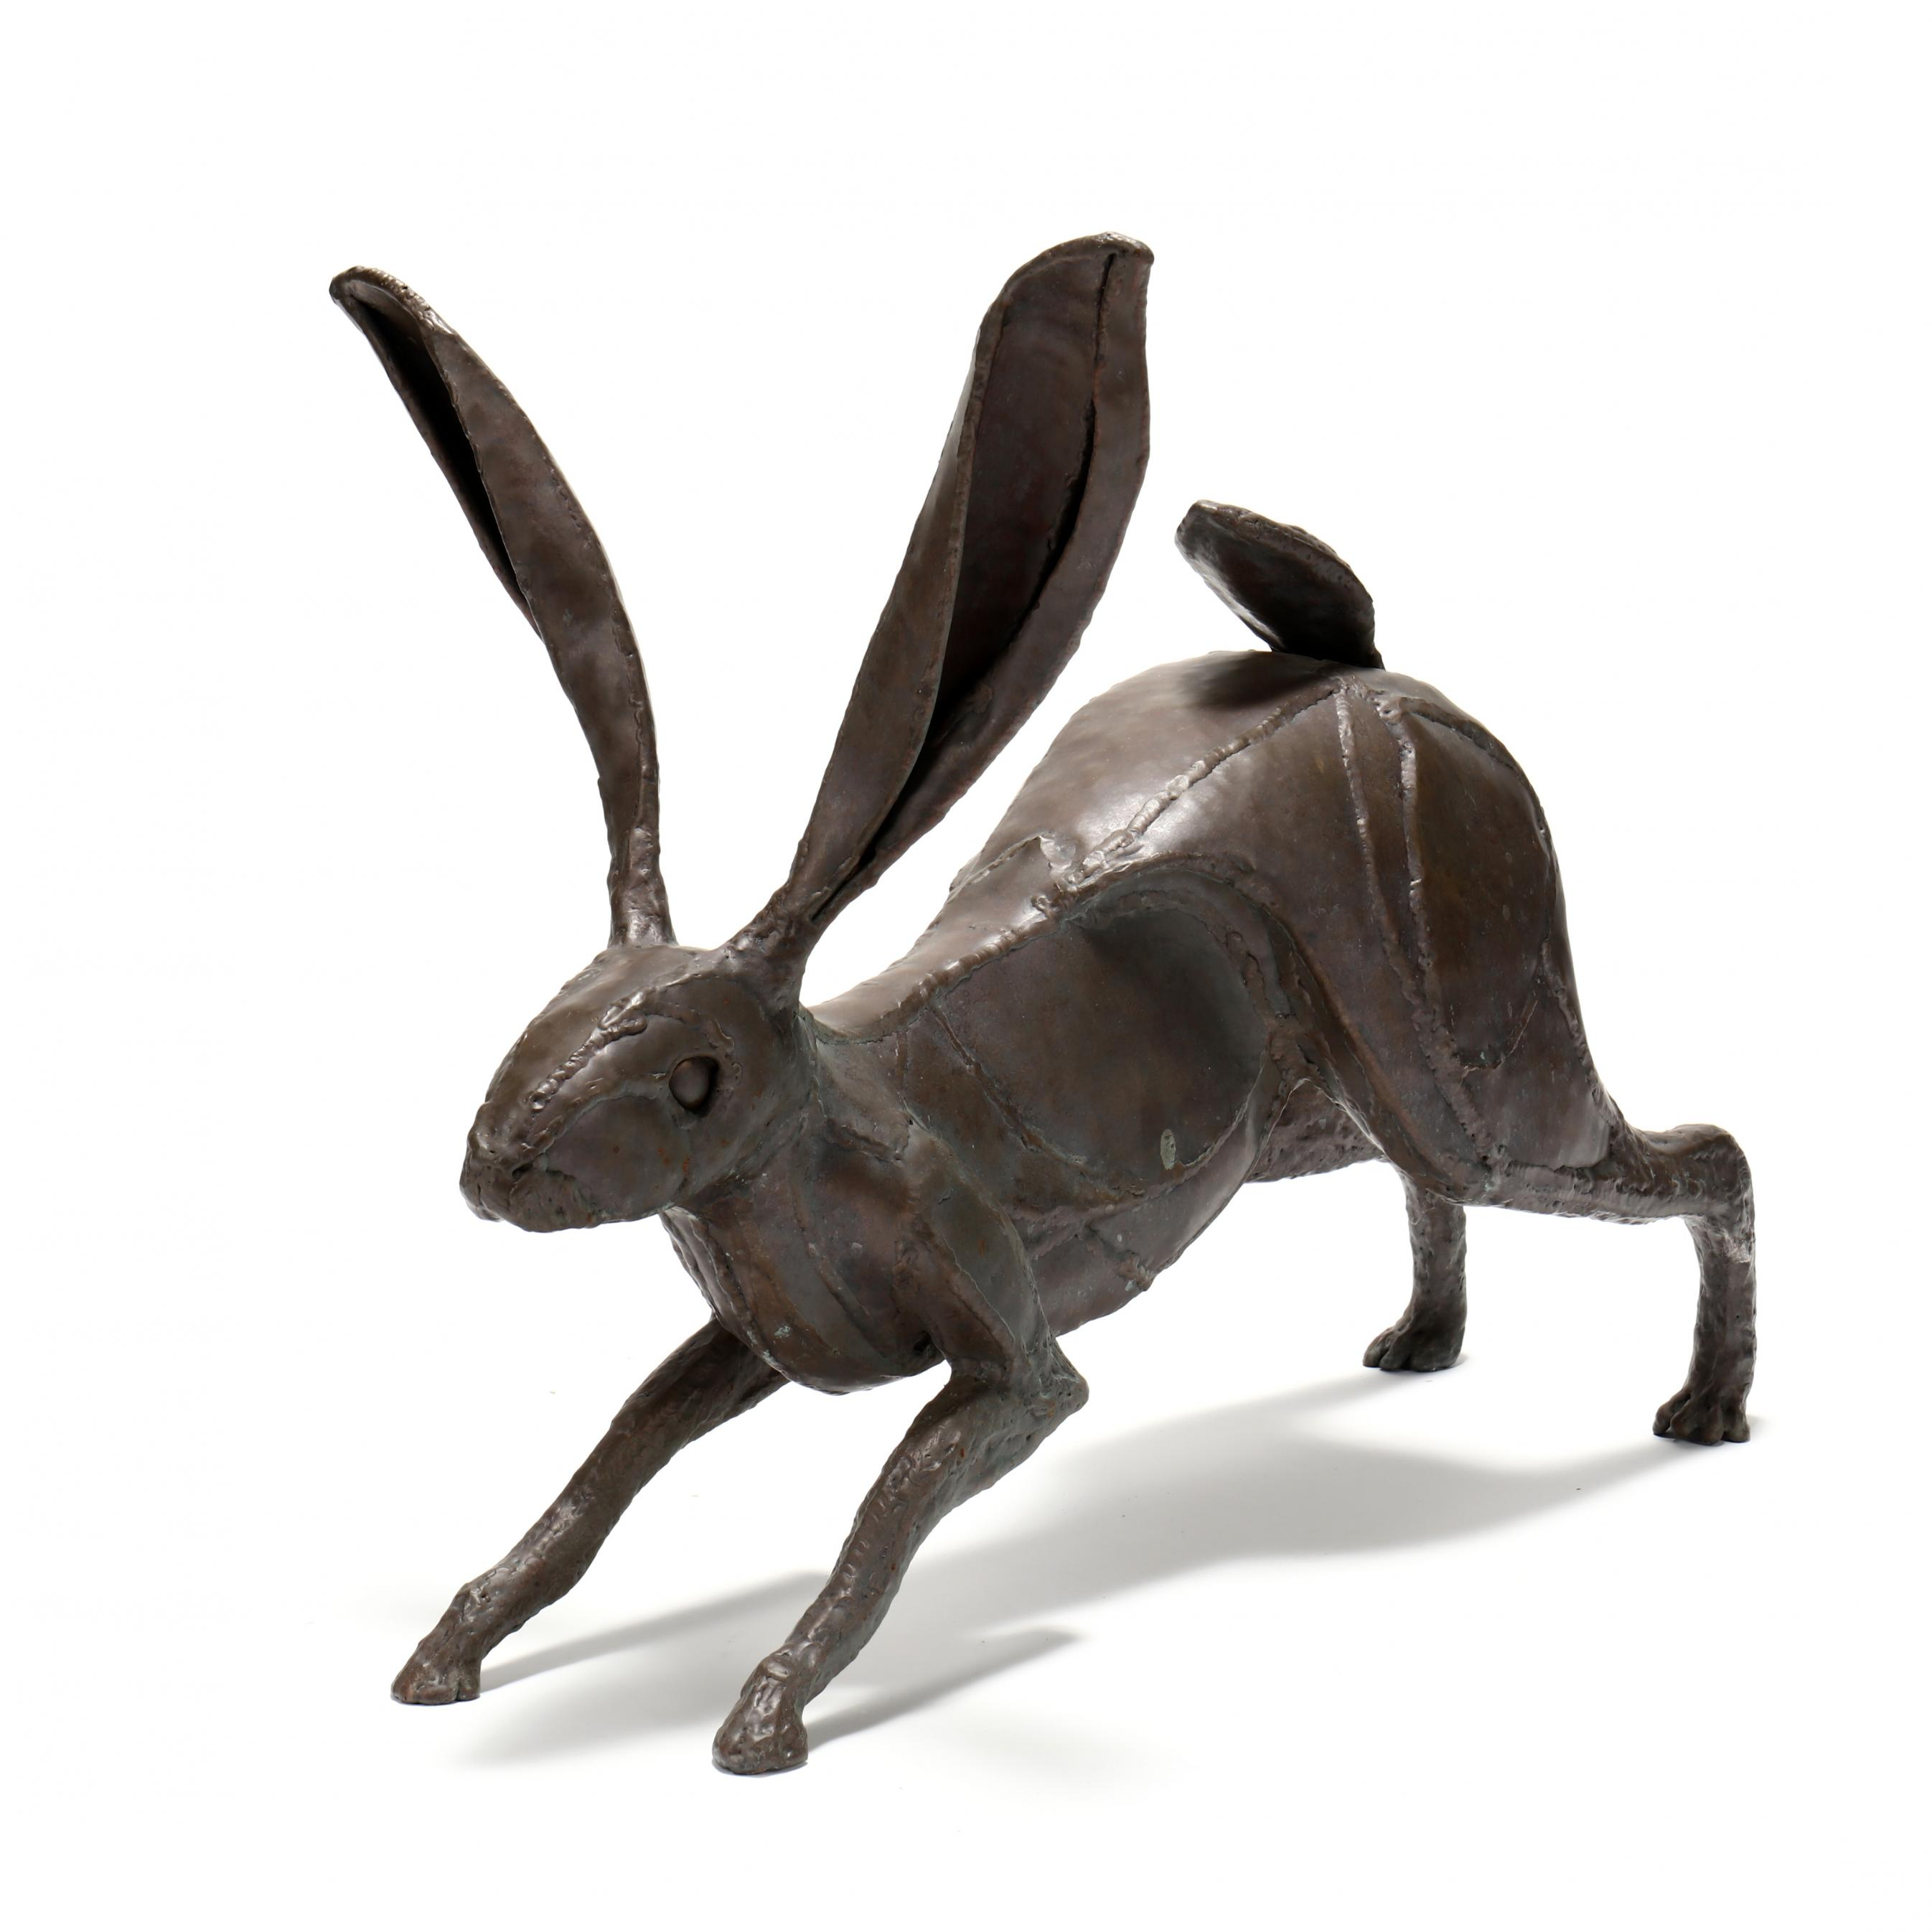 karen-paden-crouch-nc-welded-bronze-rabbit-sculpture